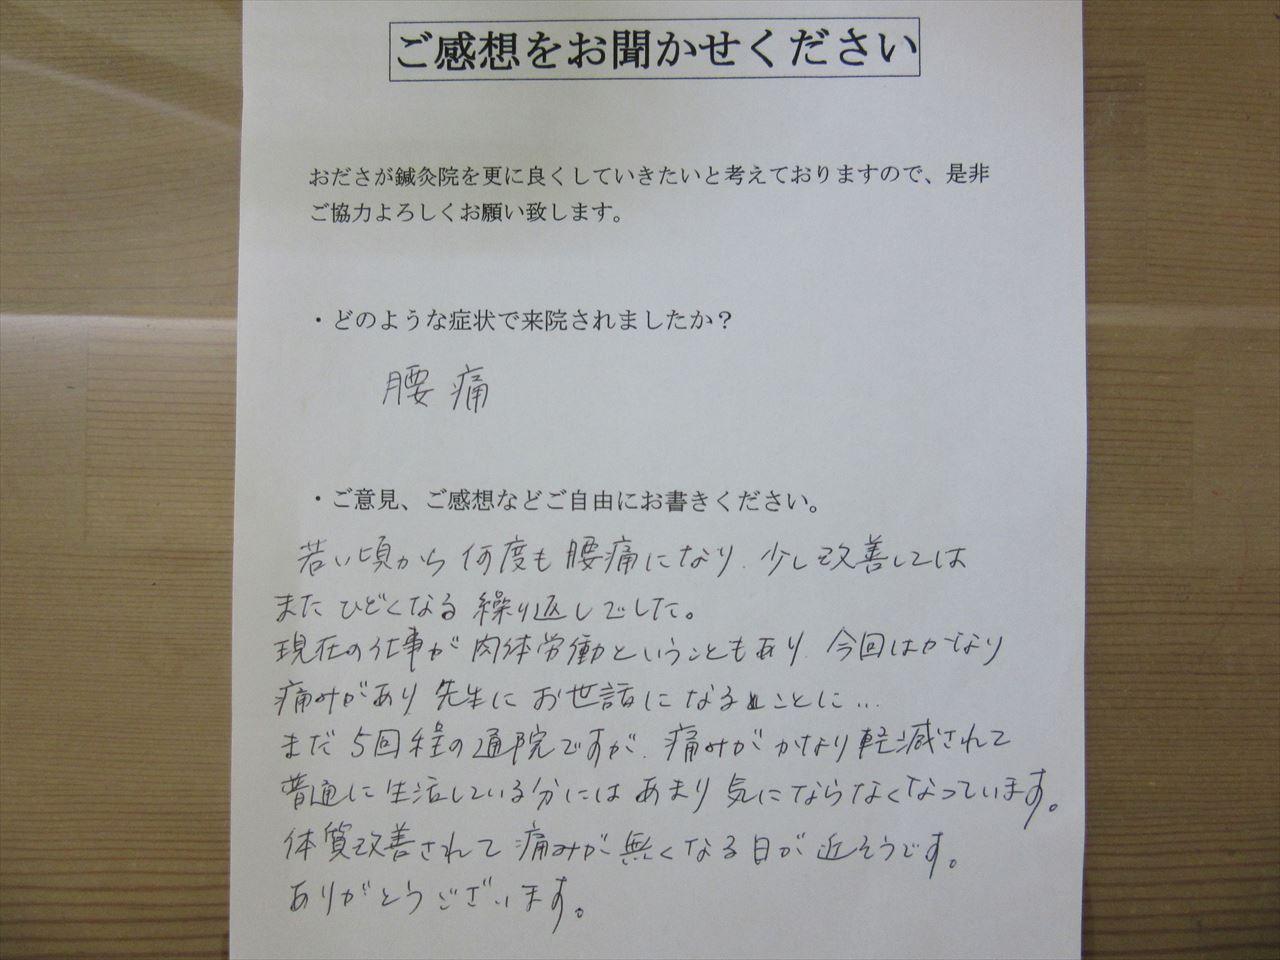 患者からの 手書手紙 肉体労働 腰痛